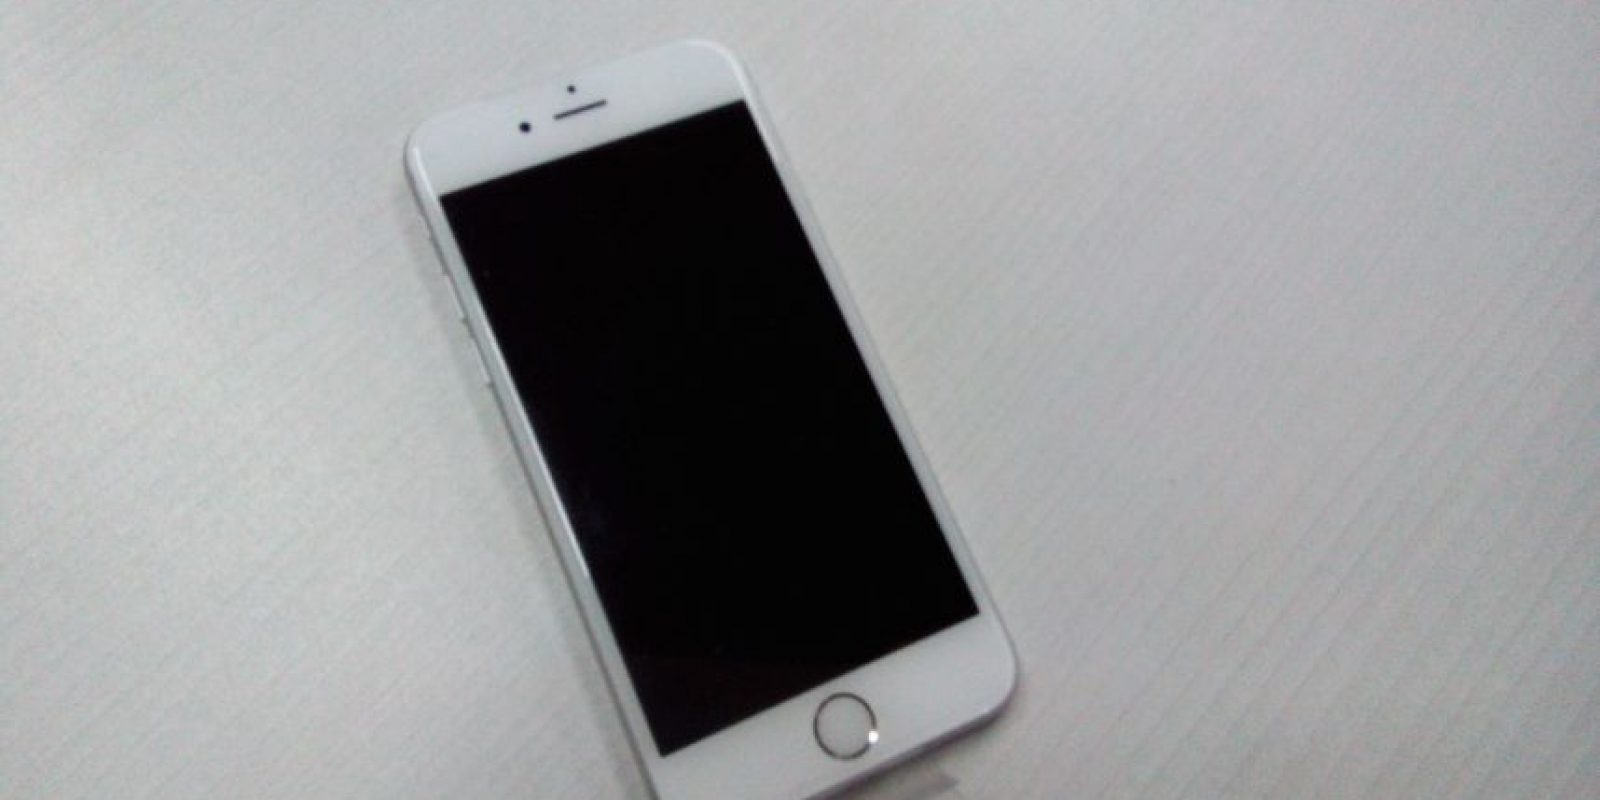 El precio del iPhone 6s inicia en los 649 dólares (16GB). Foto:Cesar Acosta / Especial